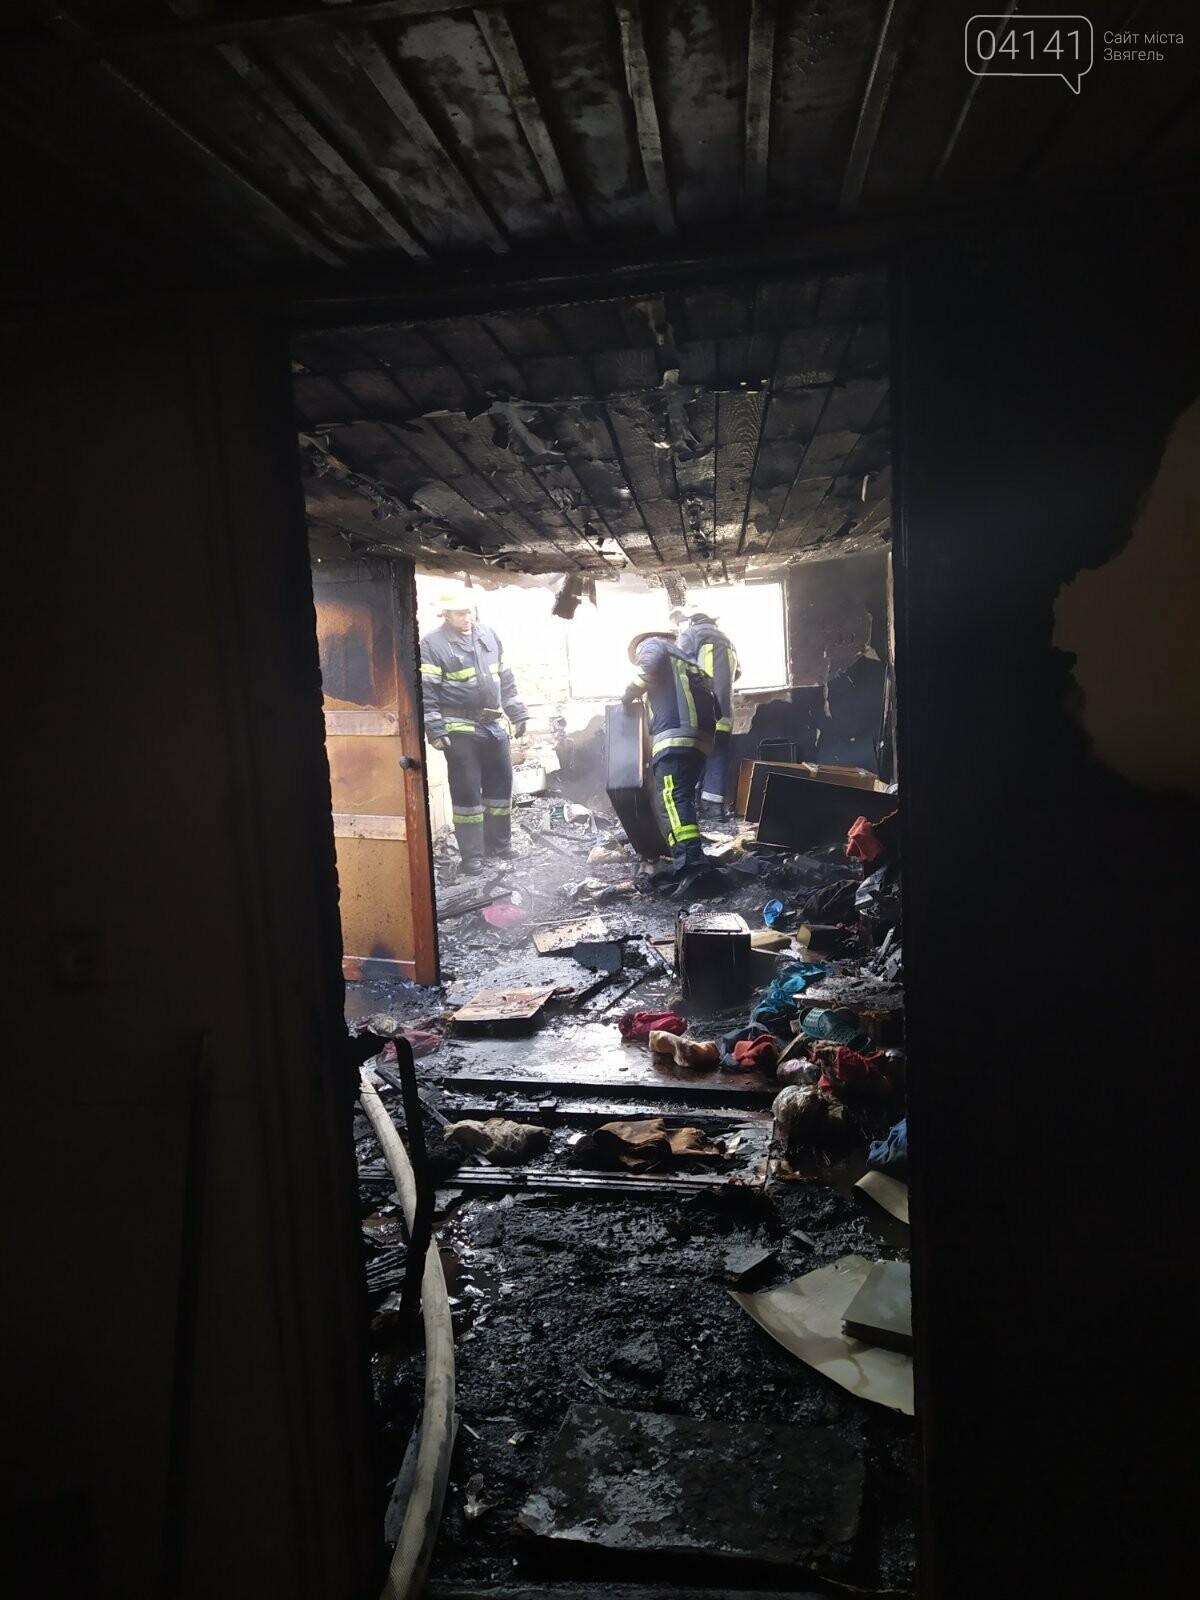 Сьогодні в Новограді горів двоповерховий будинок: Евакуювали 8 людей, фото-3